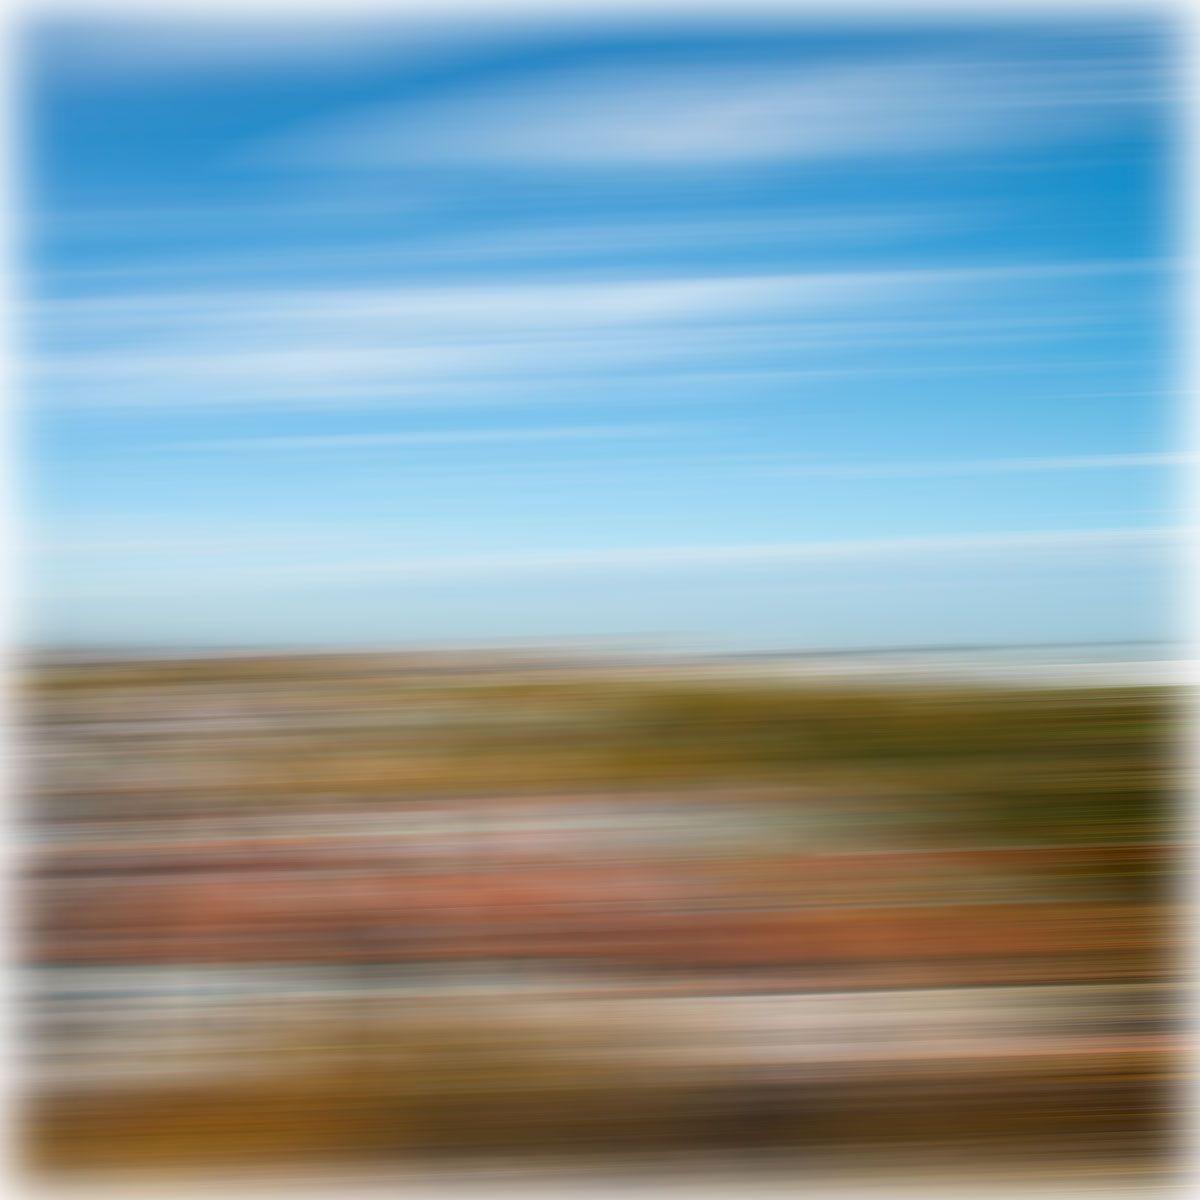 fotomarf: Auch hier sehr abstrakt der Himmel und Erde in Unschärfe verwischt.   Again, very abstract heaven and earth in blur blurred.